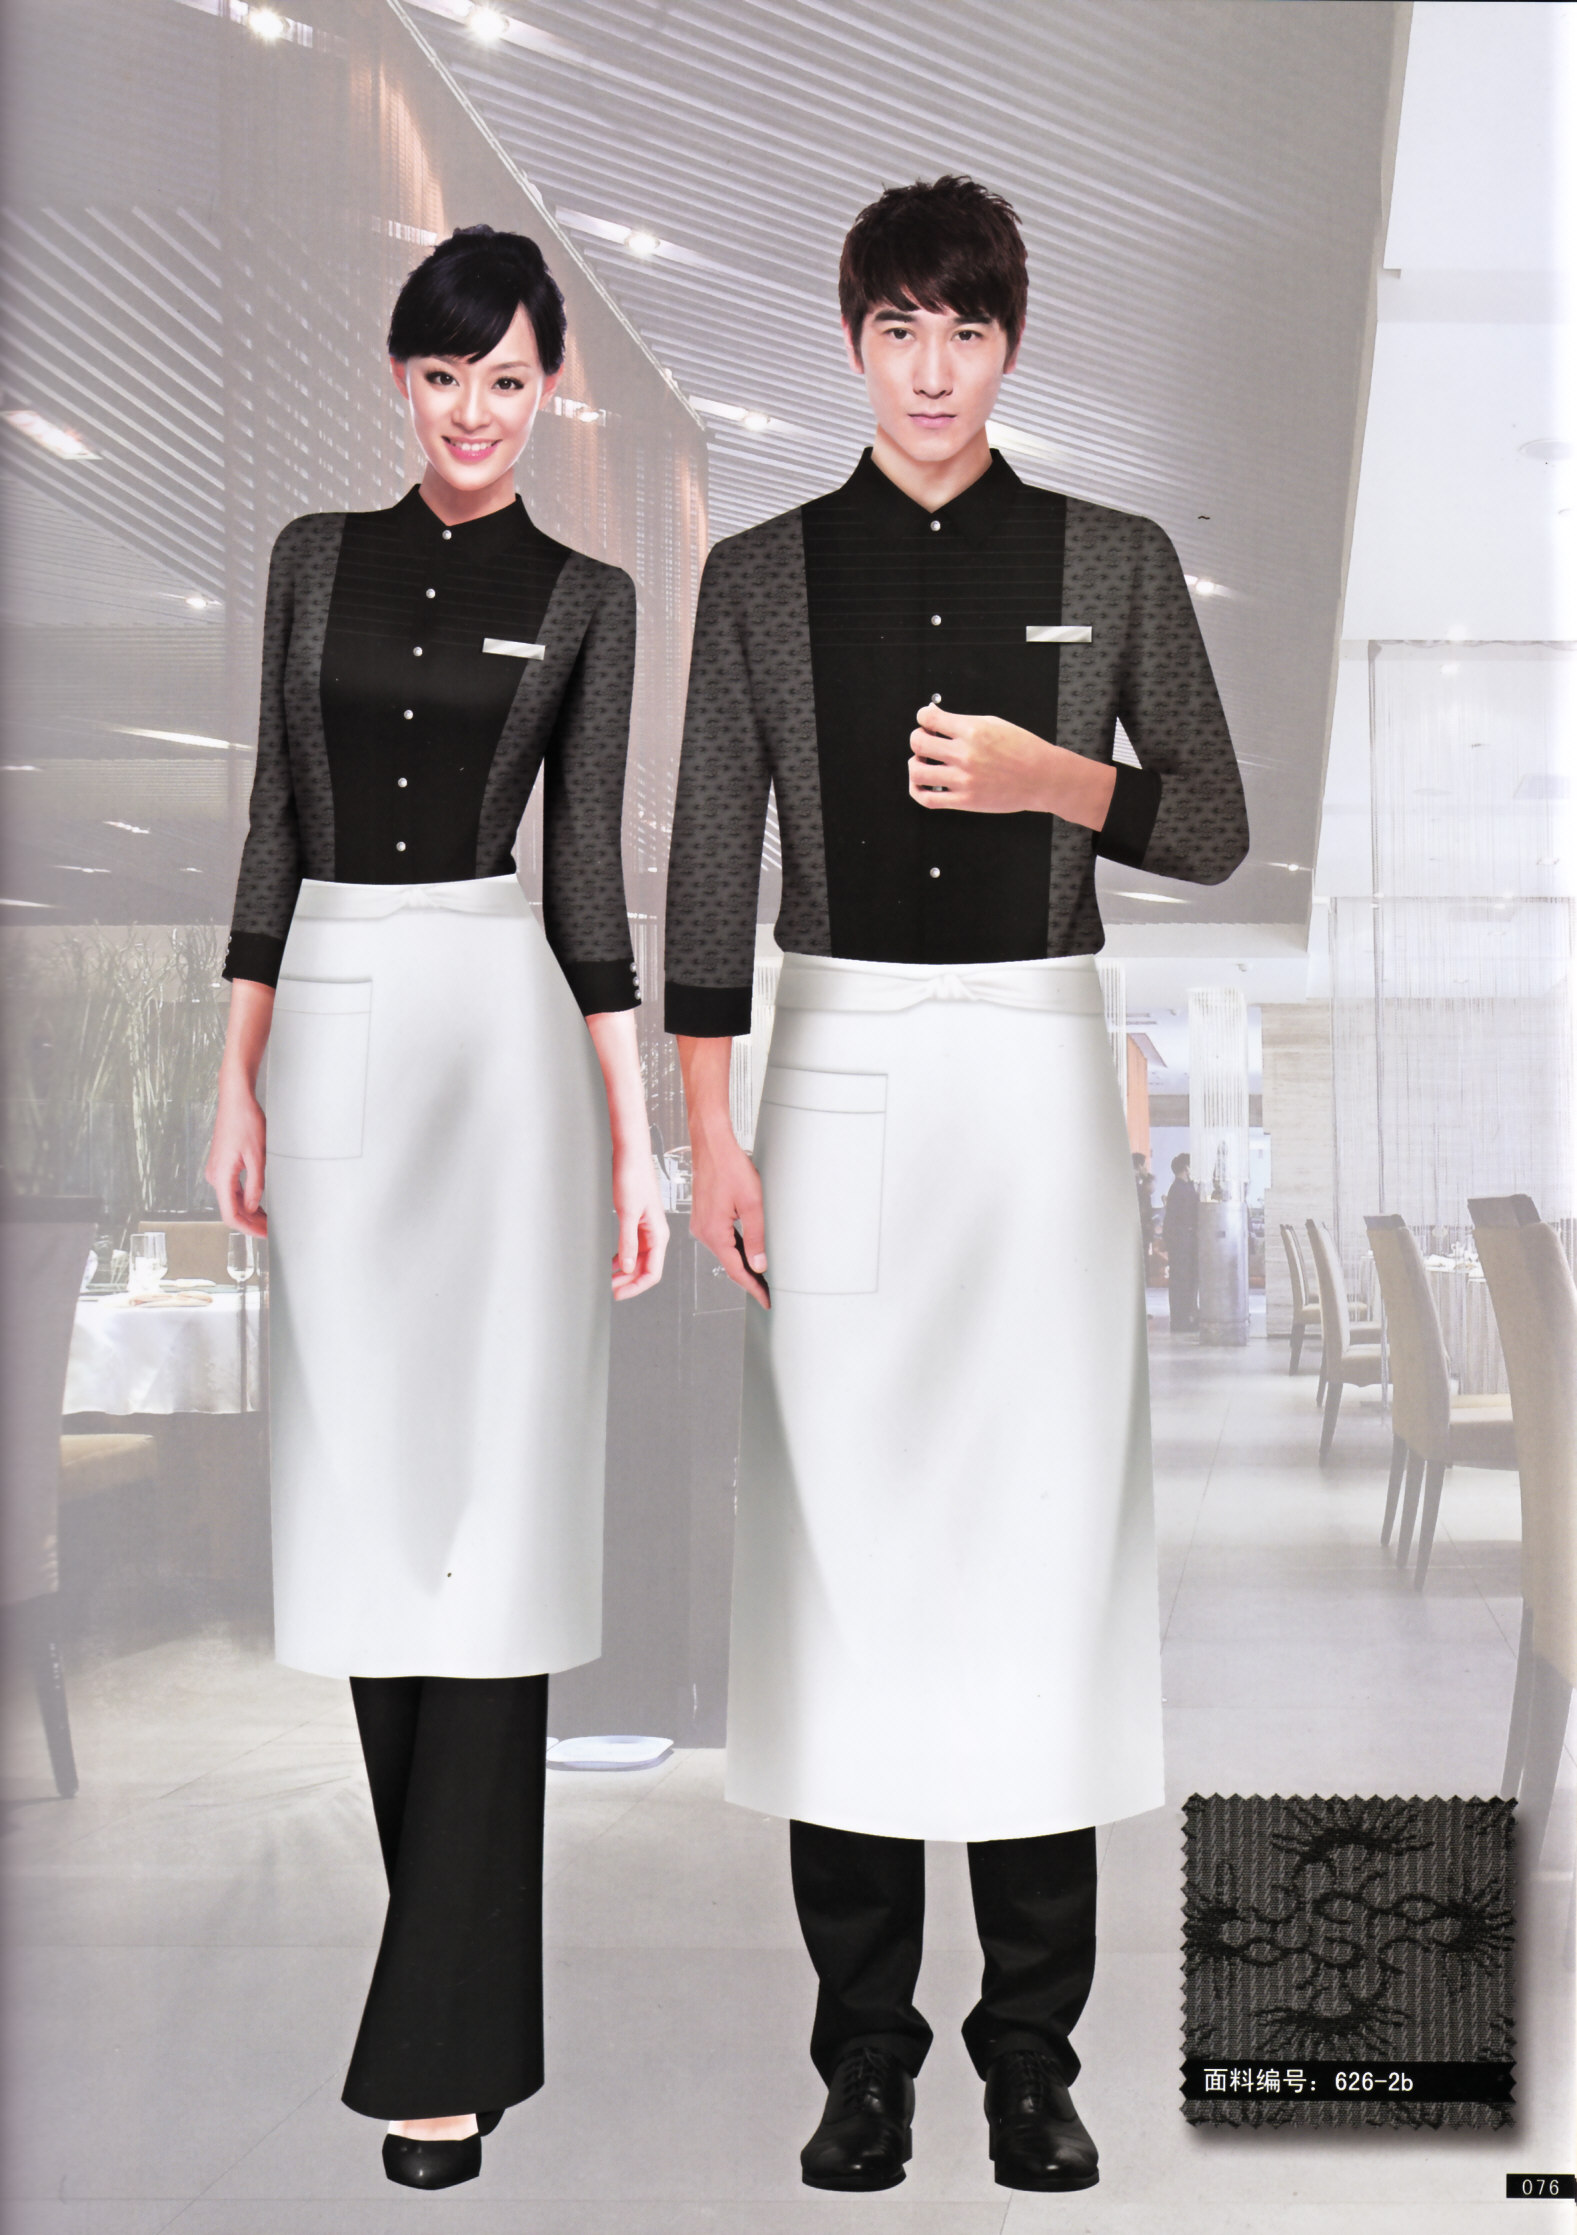 酒店服务员岗位职责答:一,酒店服务员岗位主要职责如下:1,按时到岗